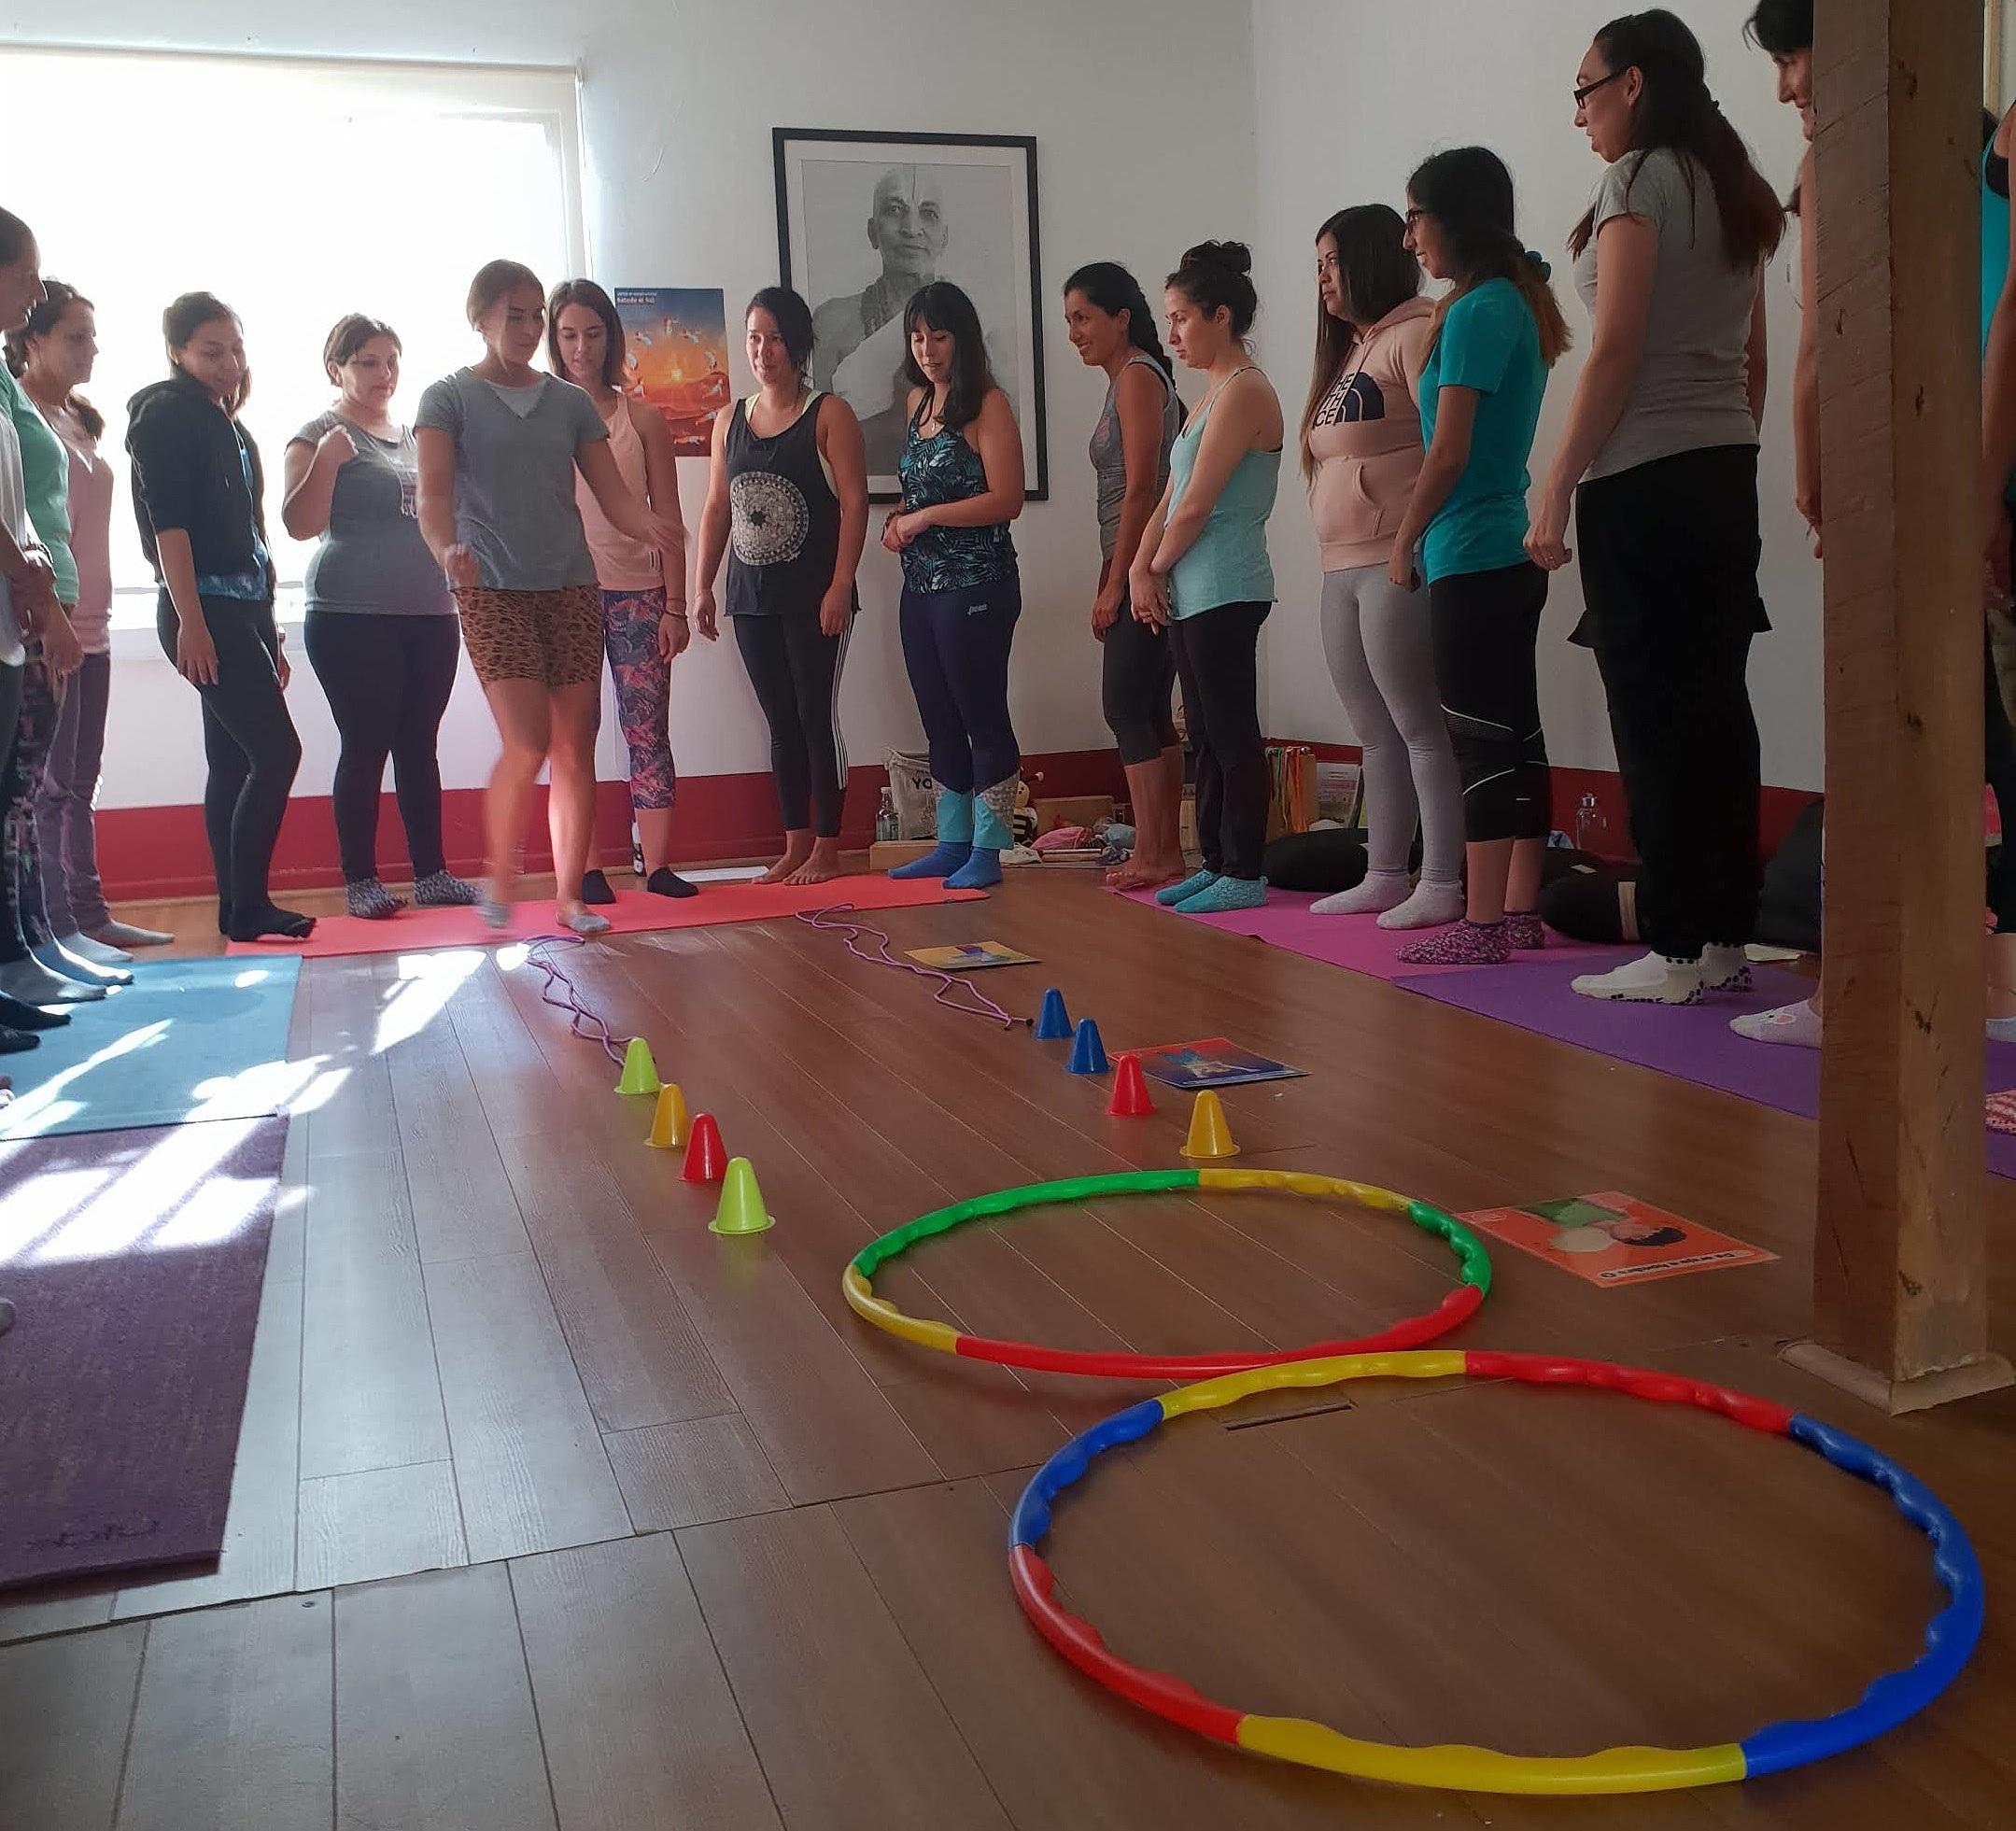 circuito o pista de obstaculos yoga para niños